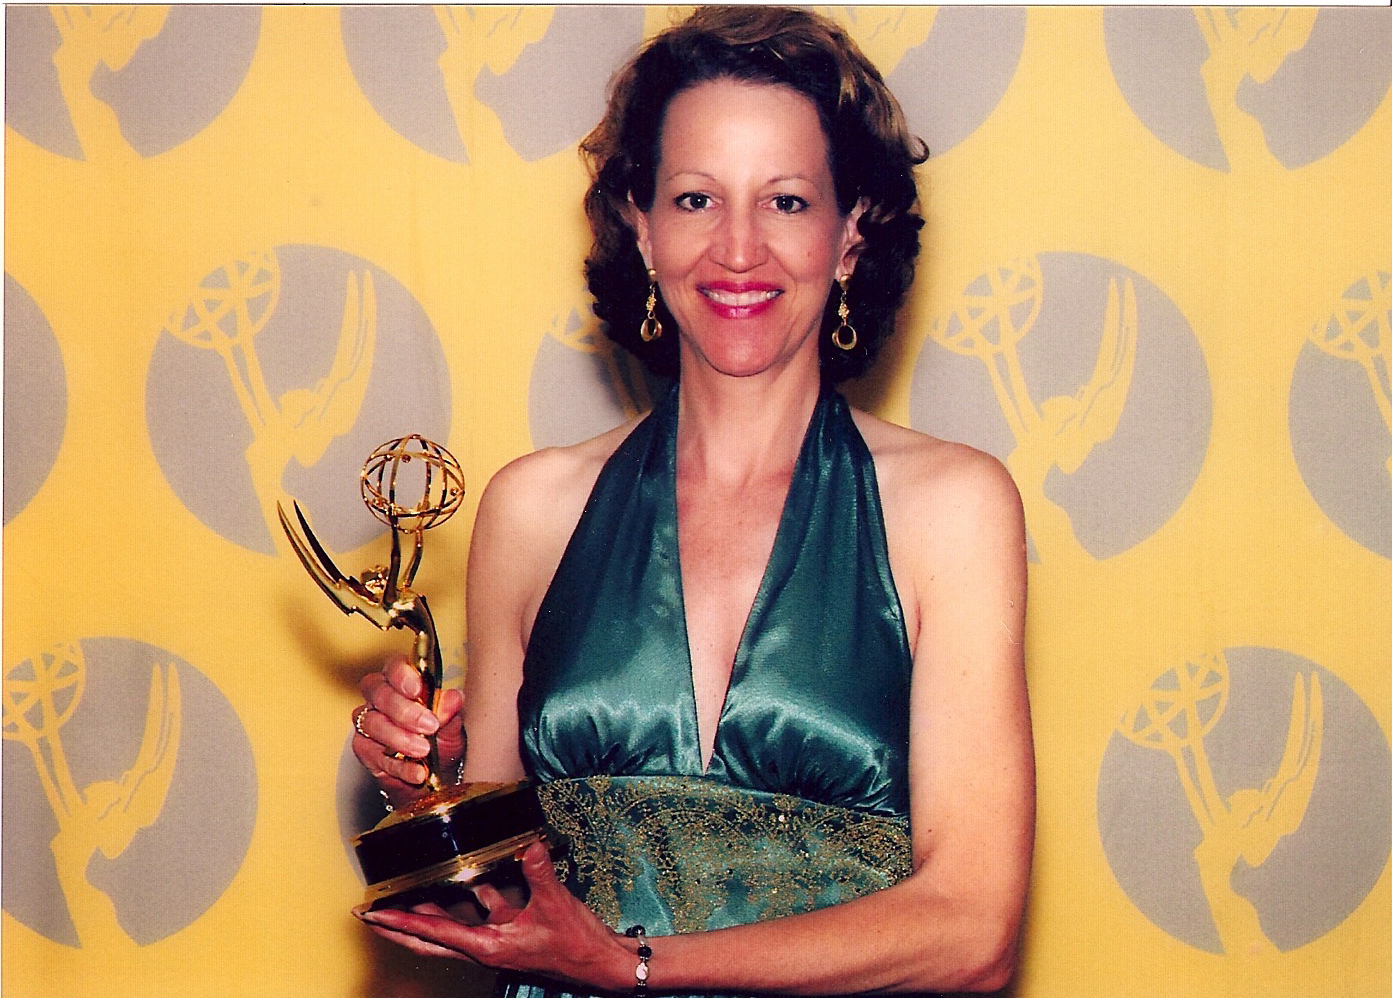 Karyl Evans wins 2007 Emmy Award